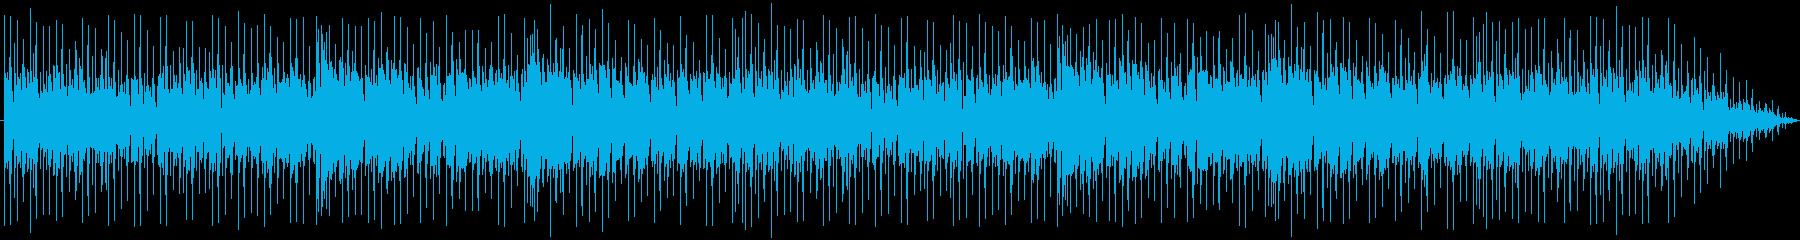 ピアノと溝。ループフルートシーケンス。の再生済みの波形